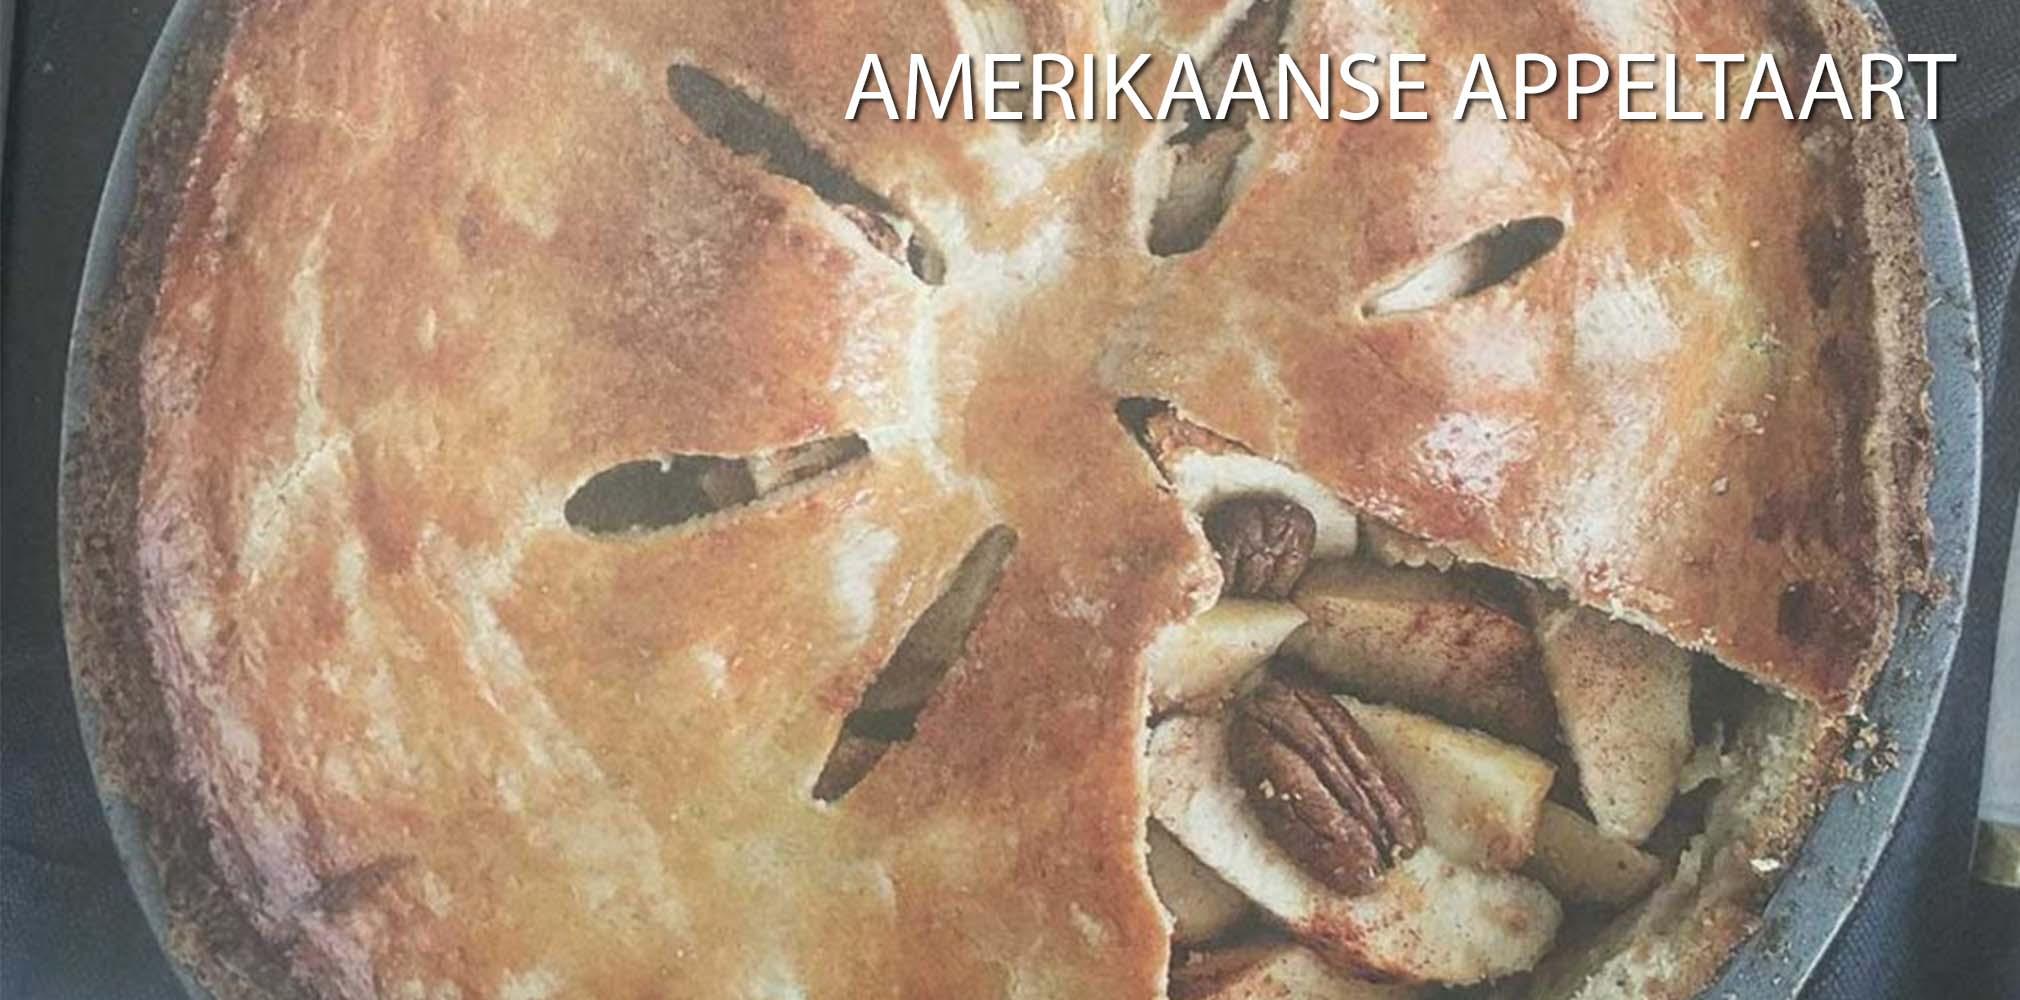 amerikaanse appeltaart oxo good grips shop